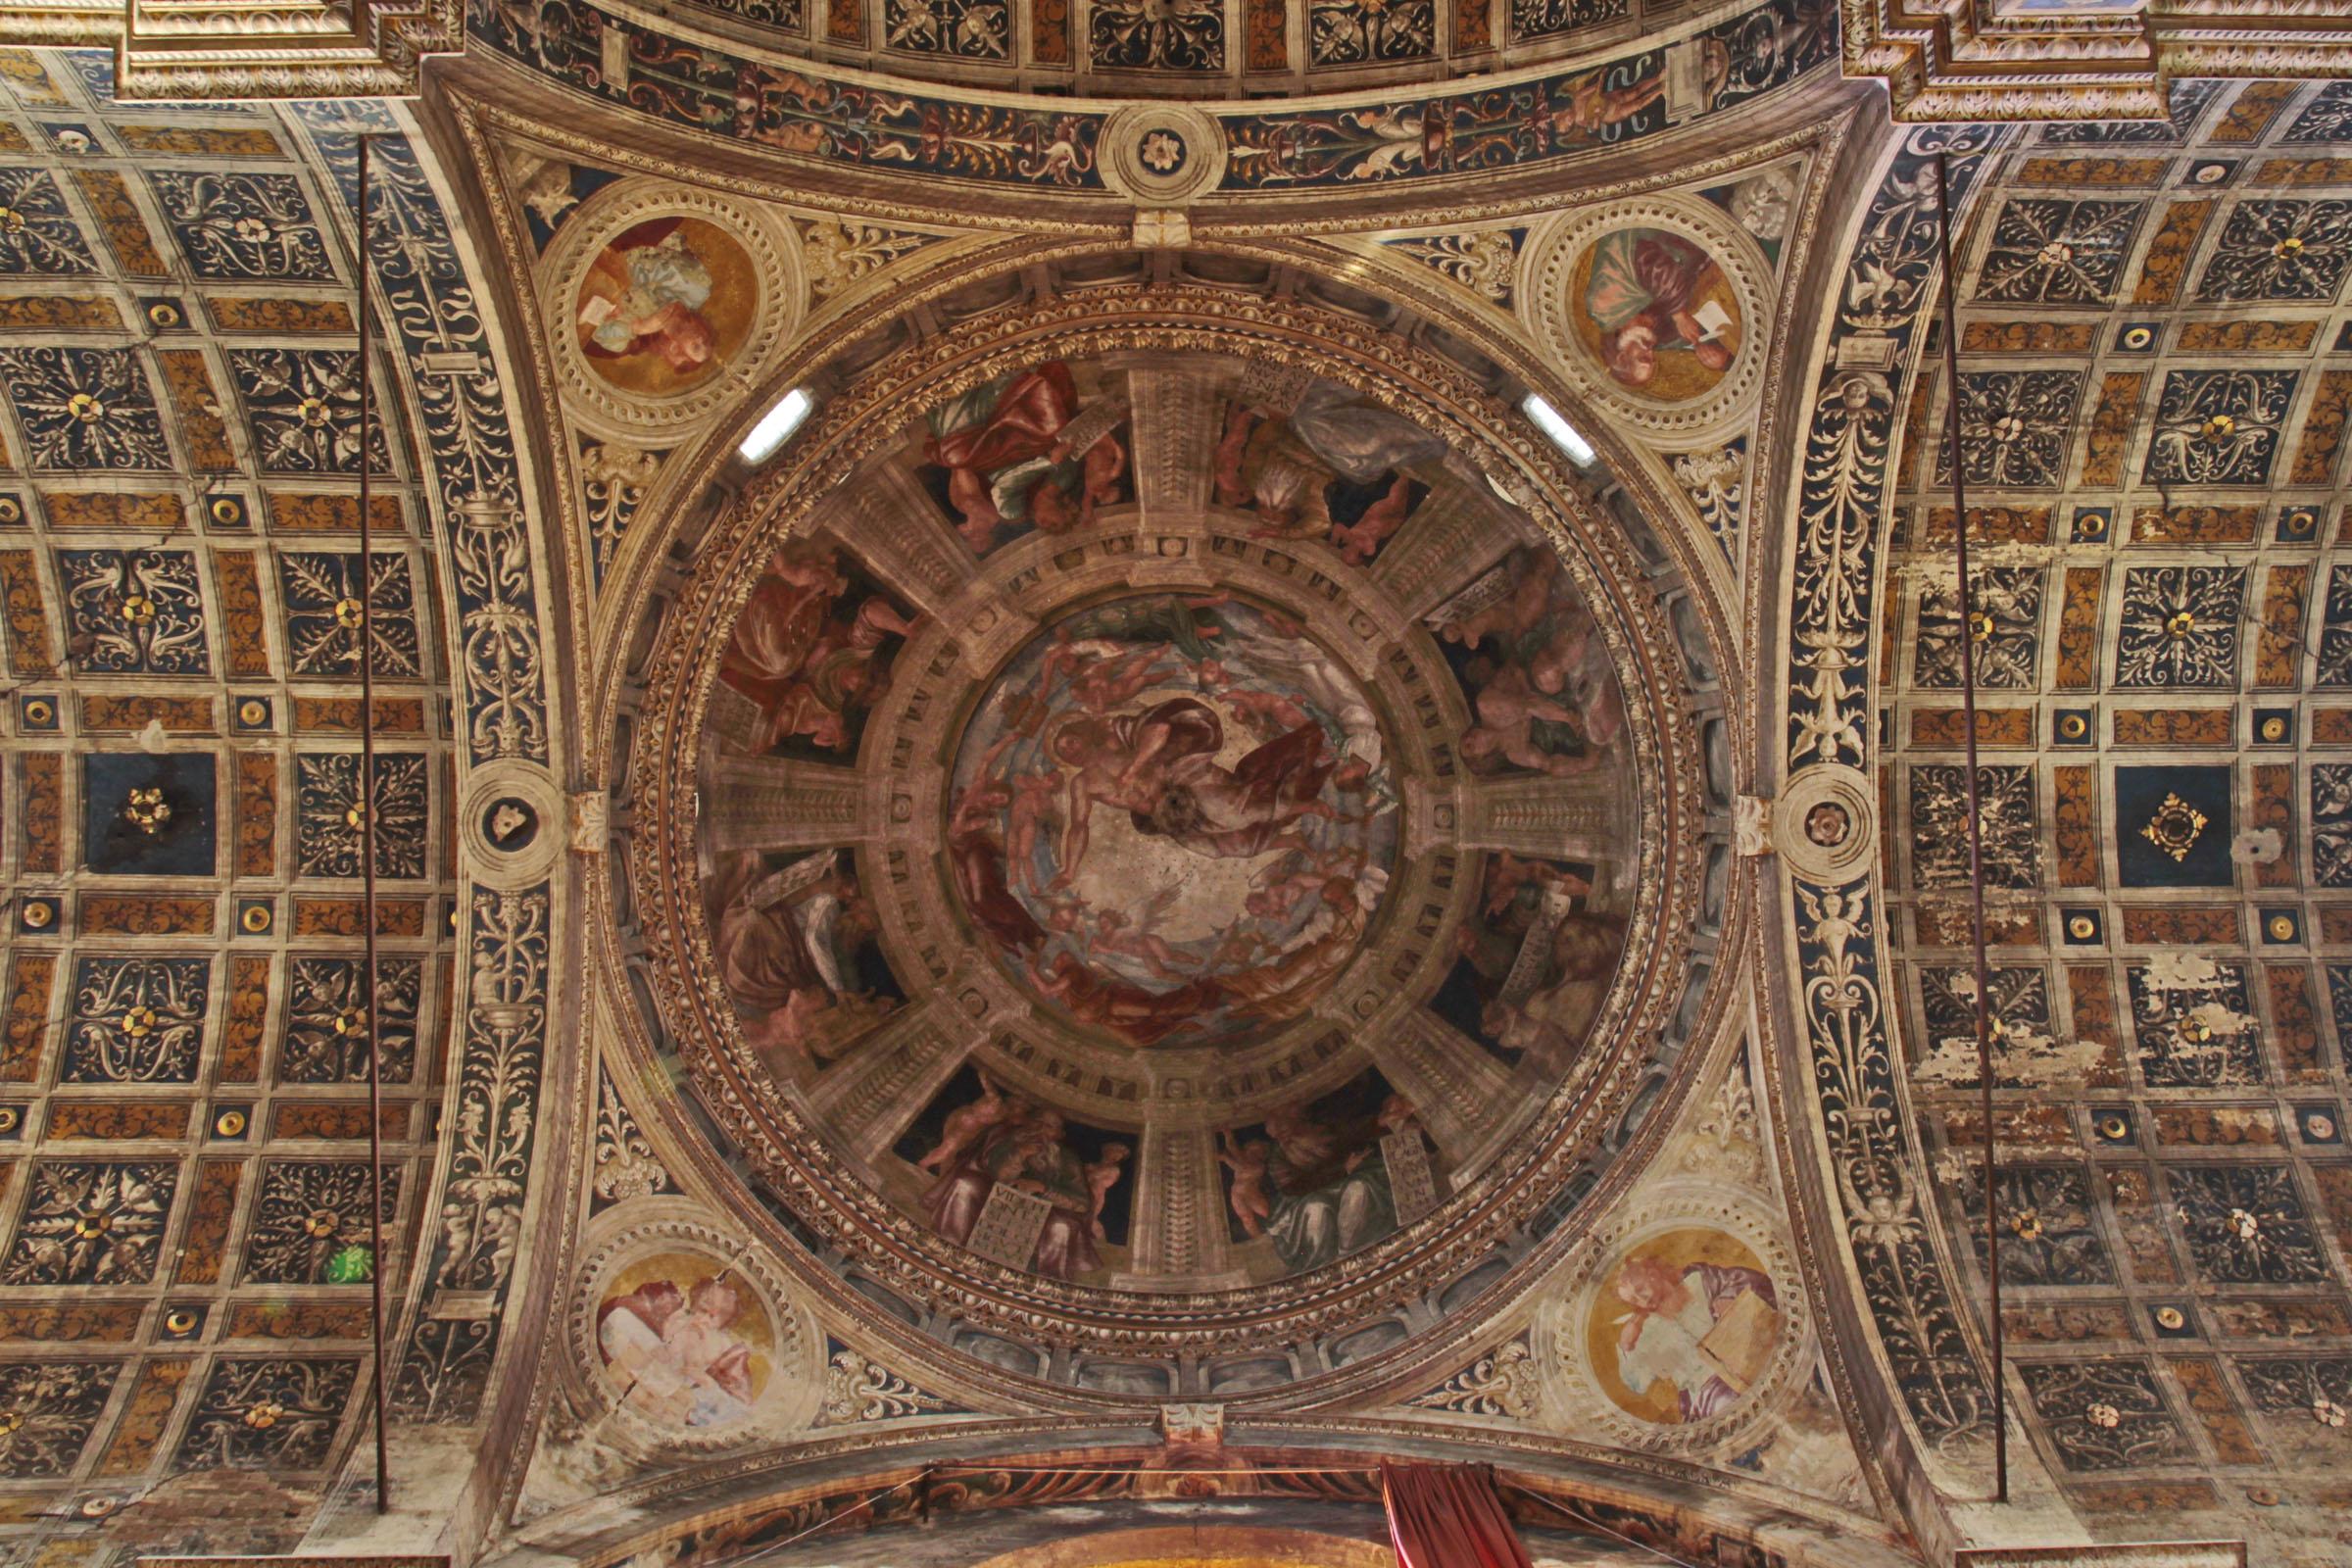 La Madonna Sistina di Raffaello rivive nella chiesa di San Sisto a Piacenza